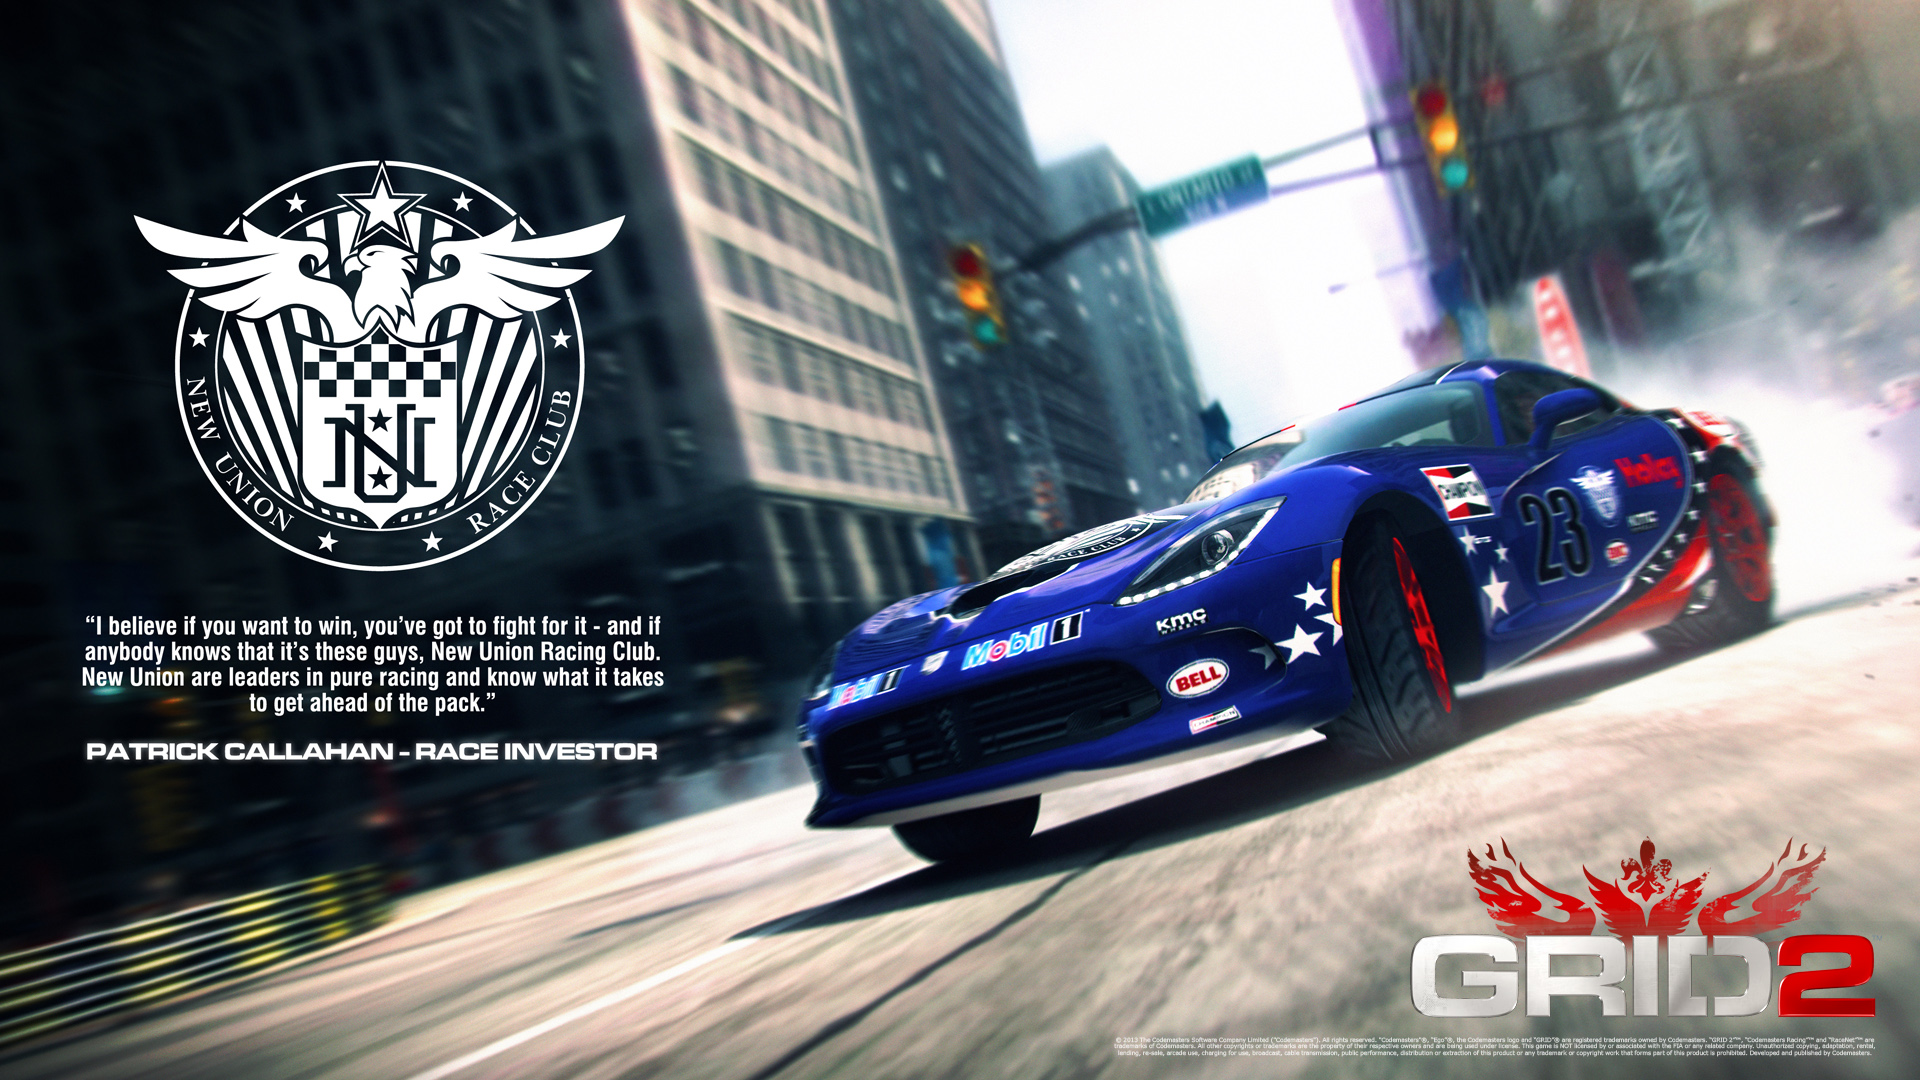 Free Ridge Racer 7 Wallpaper In 1280x800: GRID 2 HD Wallpaper